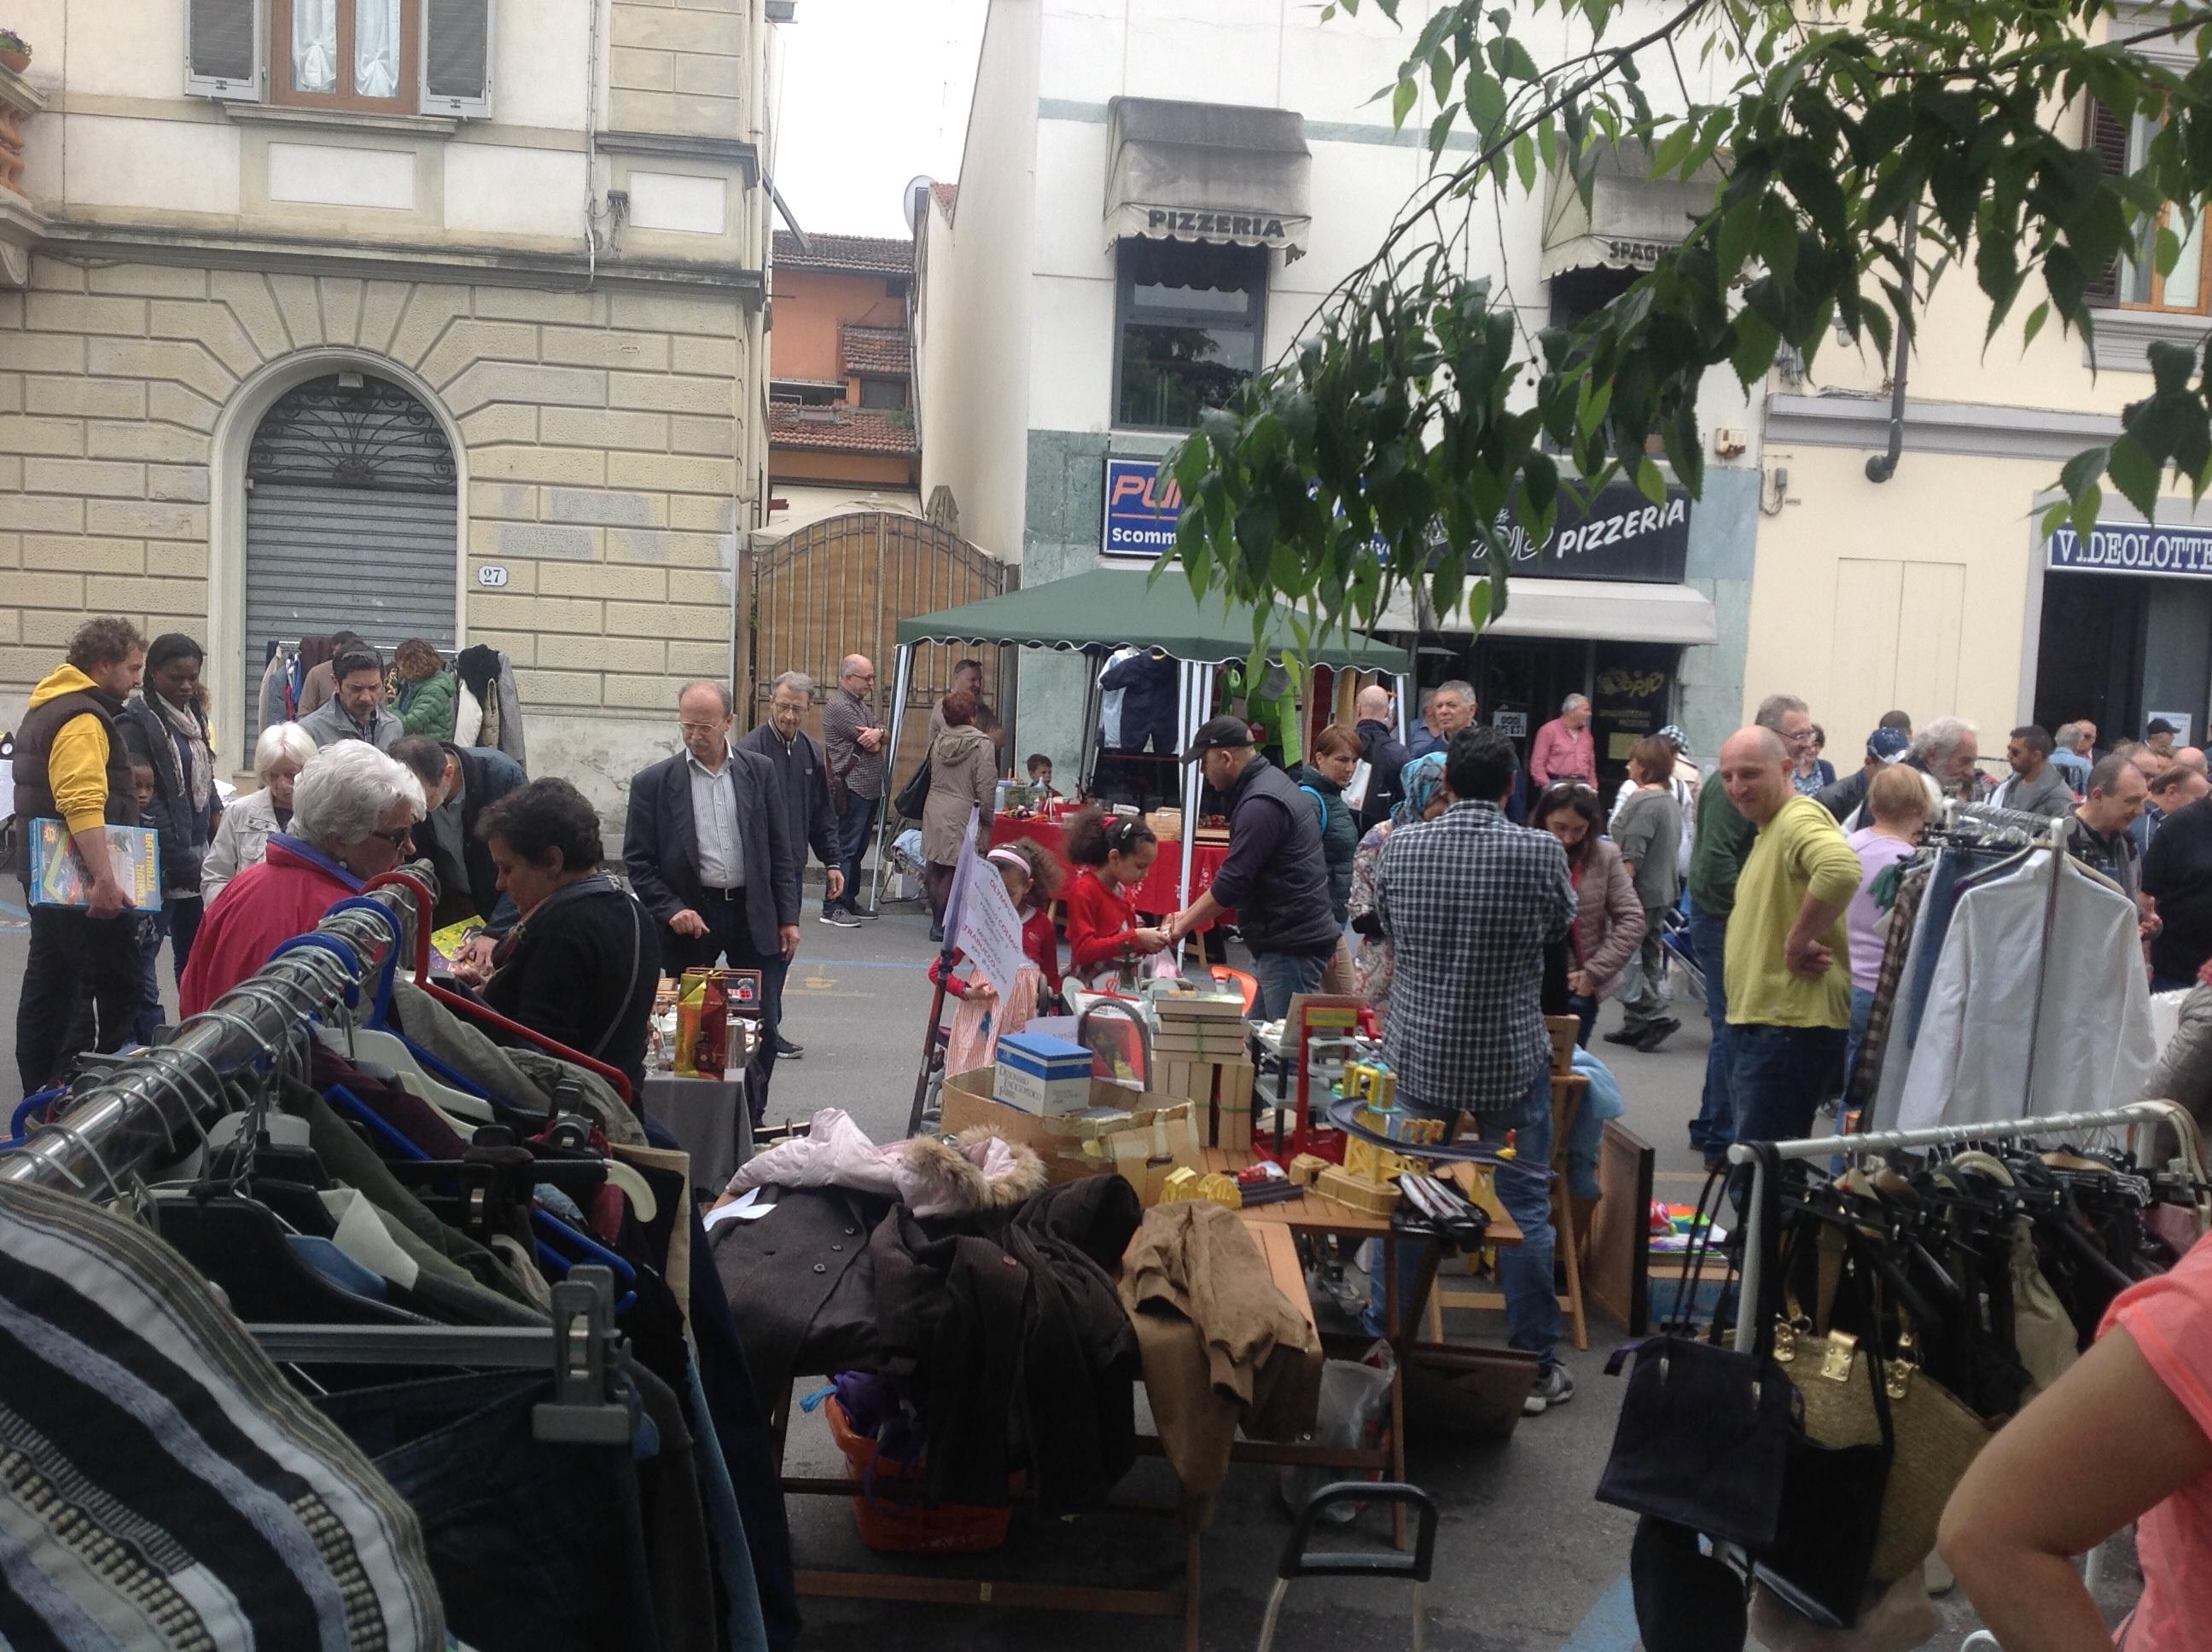 Domenica 7 settembre il mercatino dell 39 antiquariato for Mercatini antiquariato 4 domenica